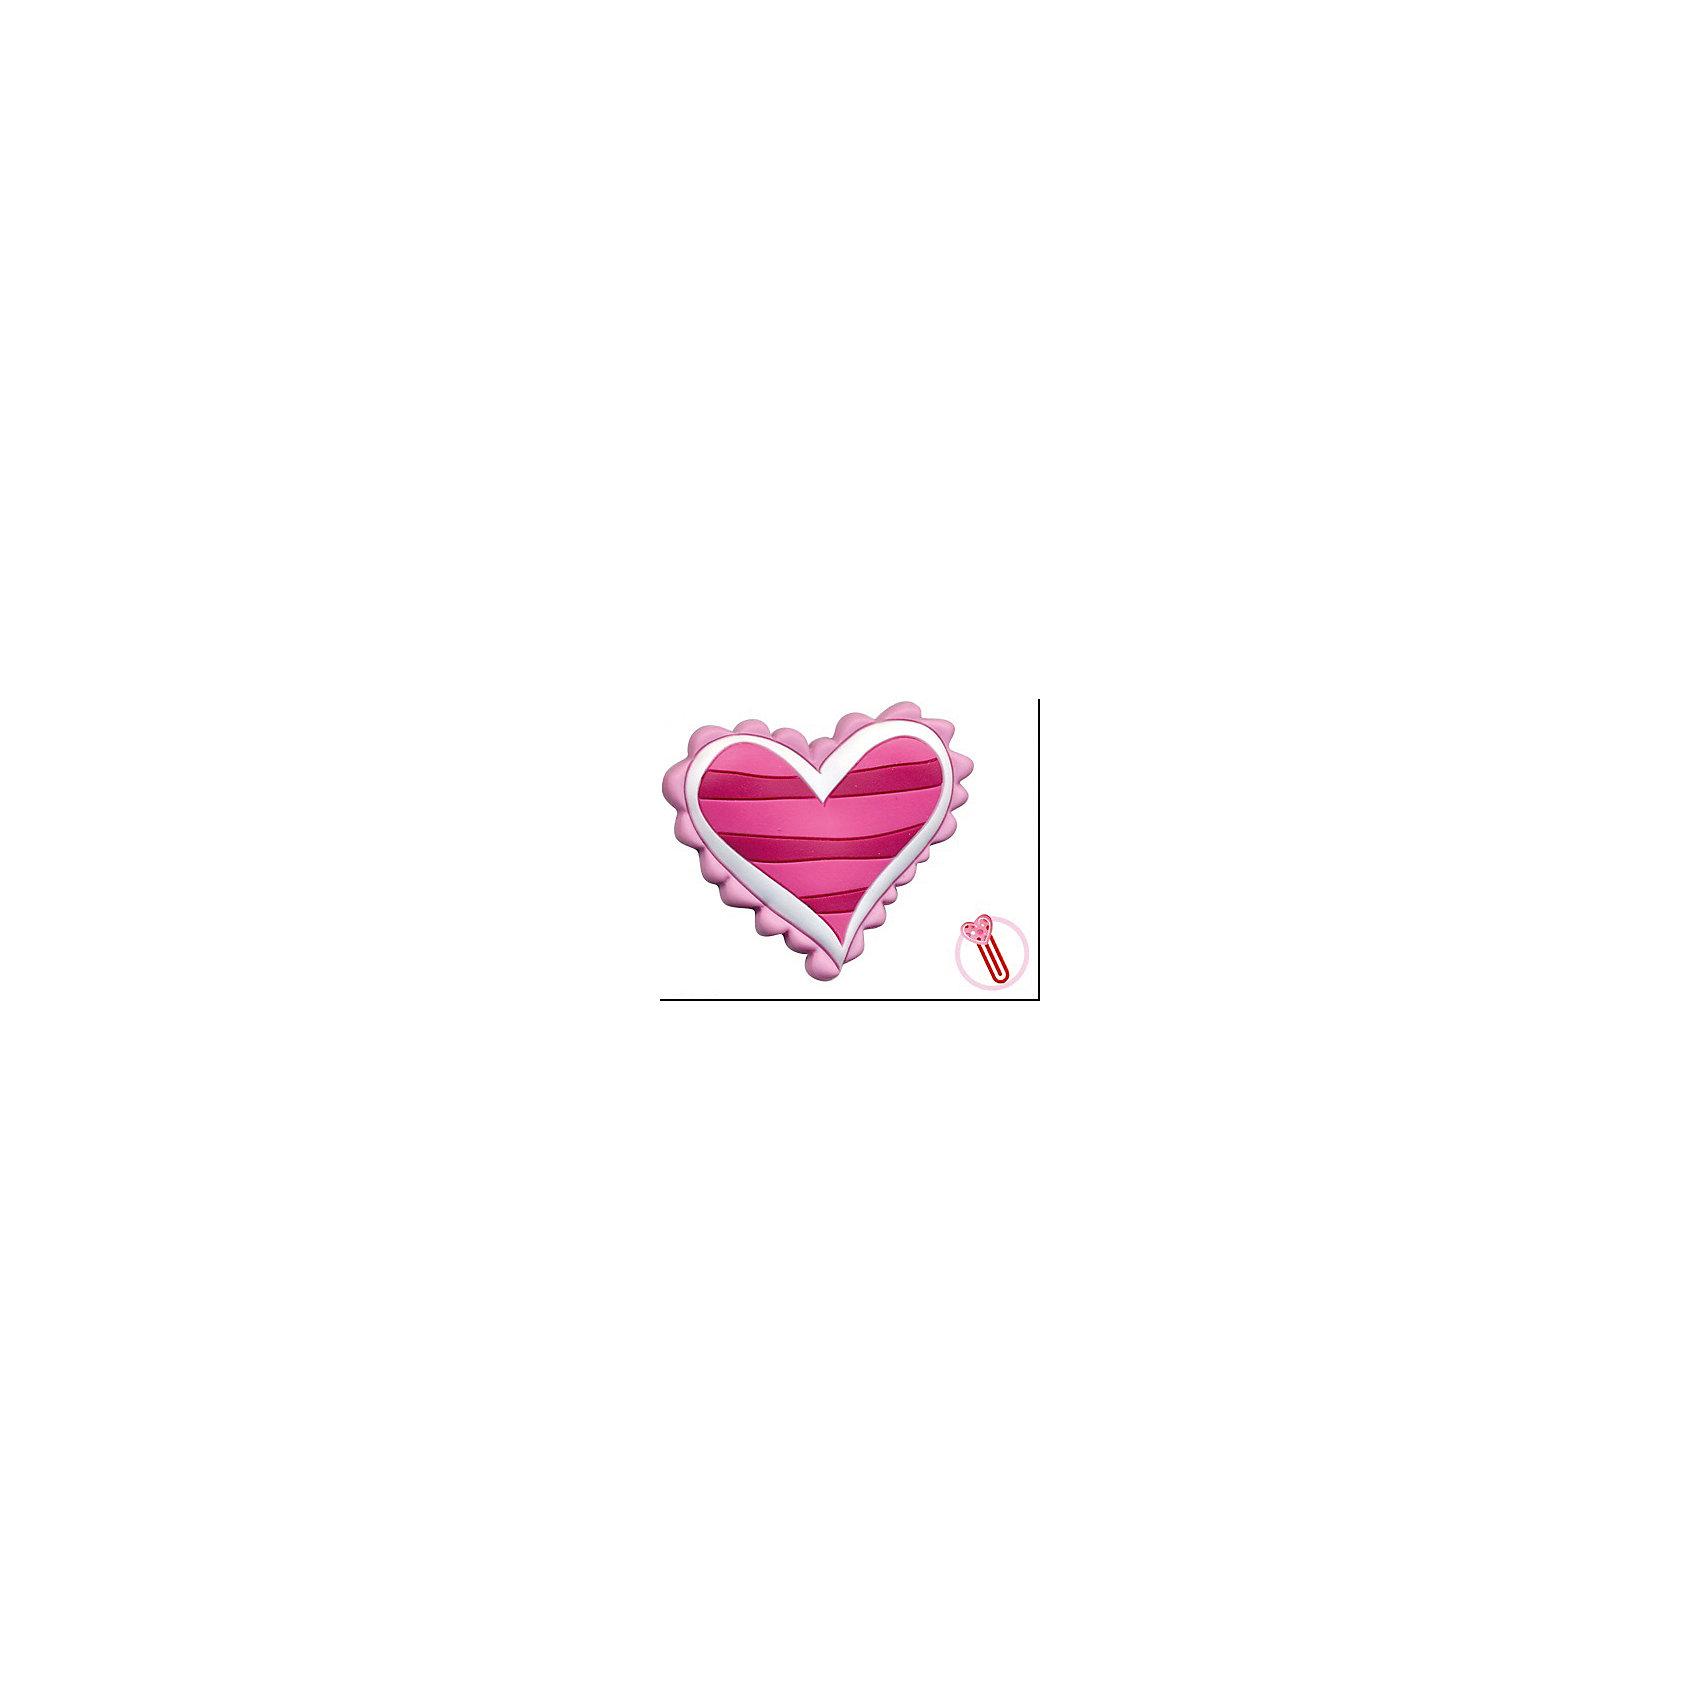 Закладка-сувенир для книг  Полосатое сердцеЗакладка-сувенир для книг Полосатое сердце станет приятным и романтичным аксессуаром на день всех влюбленных или еще одним поводом порадовать близкого человека. Сувенир выполнен в виде сердечка в розовую и красную полосочку. Оснащен скрепкой, которая служит закладкой для страниц. <br><br>Дополнительная информация:<br><br>- Материал: ПВХ.<br>- Размер сувенира: 13 см.<br><br>Закладку-сувенир для книг Полосатое сердце, Премьер-игрушка, можно купить в нашем интернет-магазине.<br><br>Ширина мм: 130<br>Глубина мм: 5<br>Высота мм: 20<br>Вес г: 6<br>Возраст от месяцев: 72<br>Возраст до месяцев: 2147483647<br>Пол: Унисекс<br>Возраст: Детский<br>SKU: 4512290